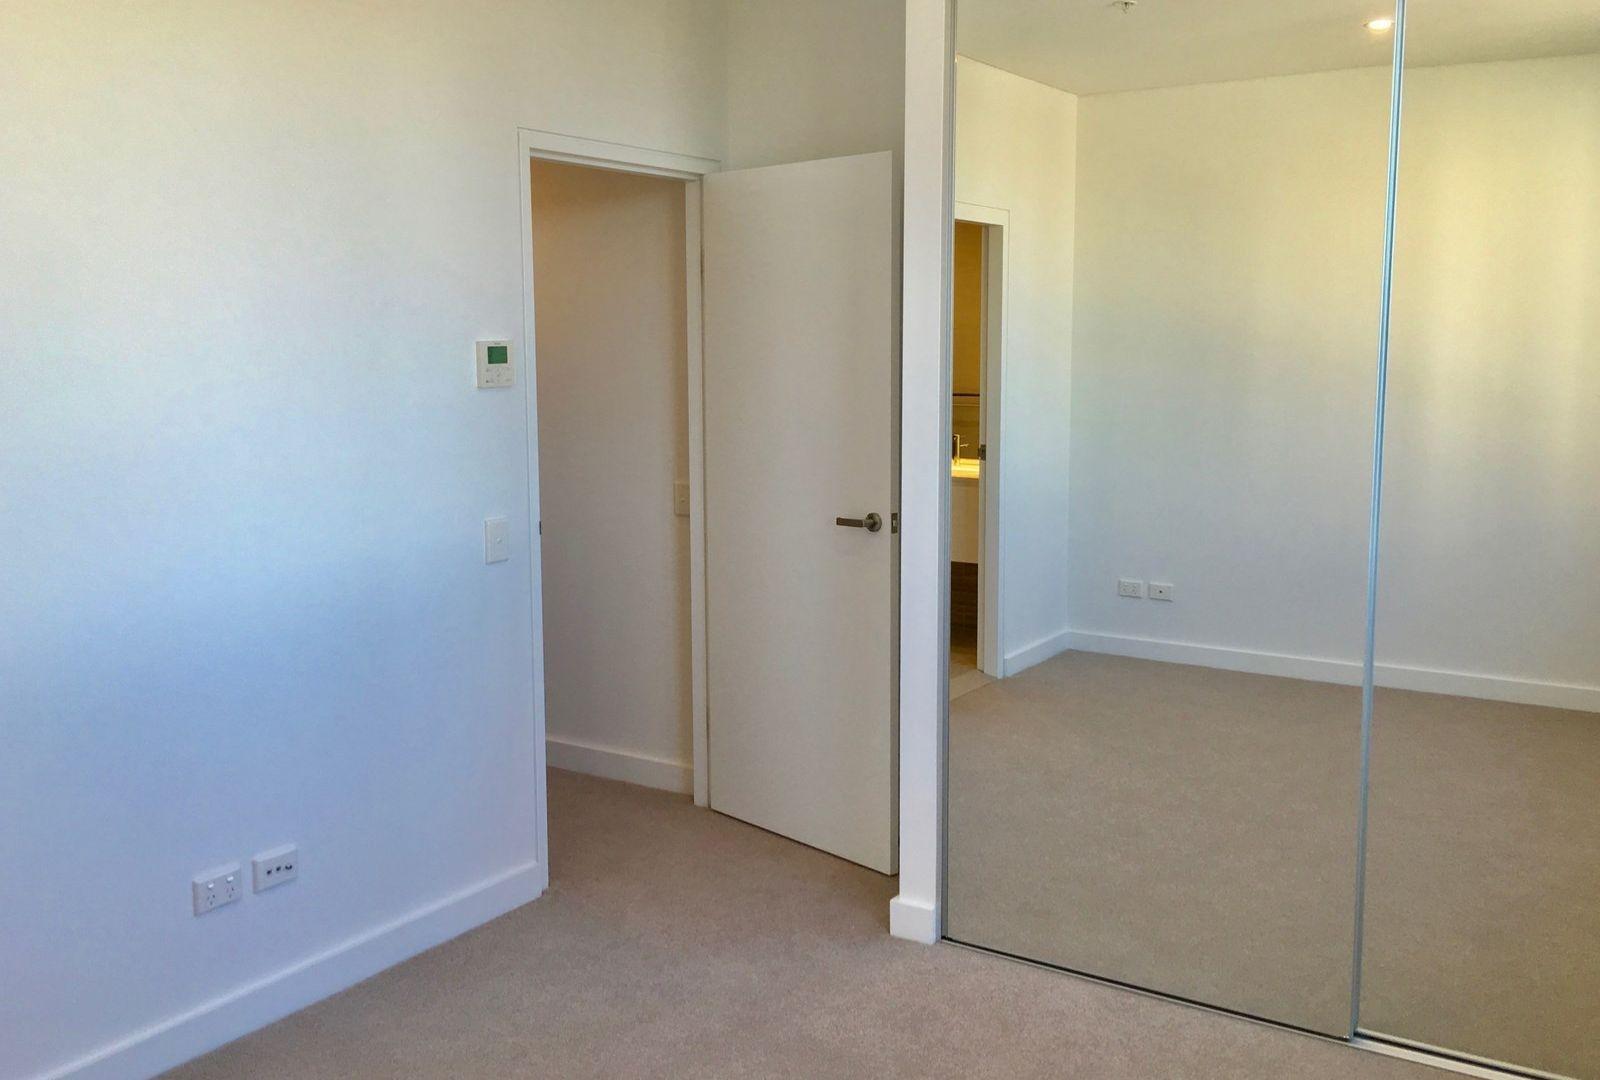 119/12 Chisholm Street, Wolli Creek NSW 2205, Image 1